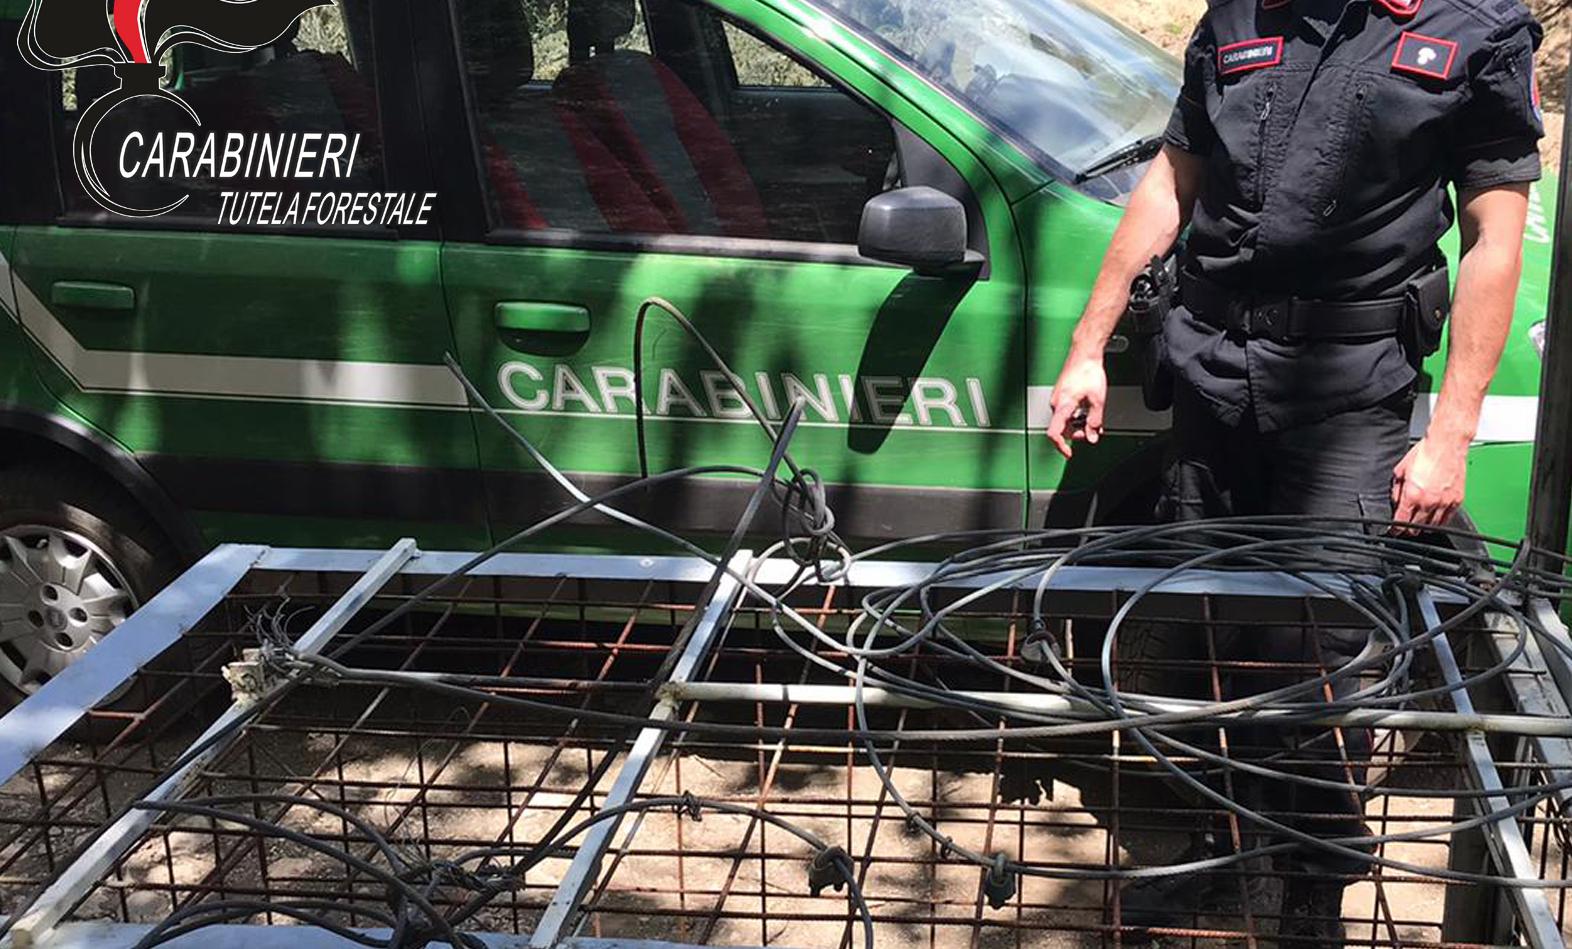 Carabinieri Forestale: GABBIA E LACCI PER LA CATTURA DI CINGHIALI. INDAGINI IN CORSO